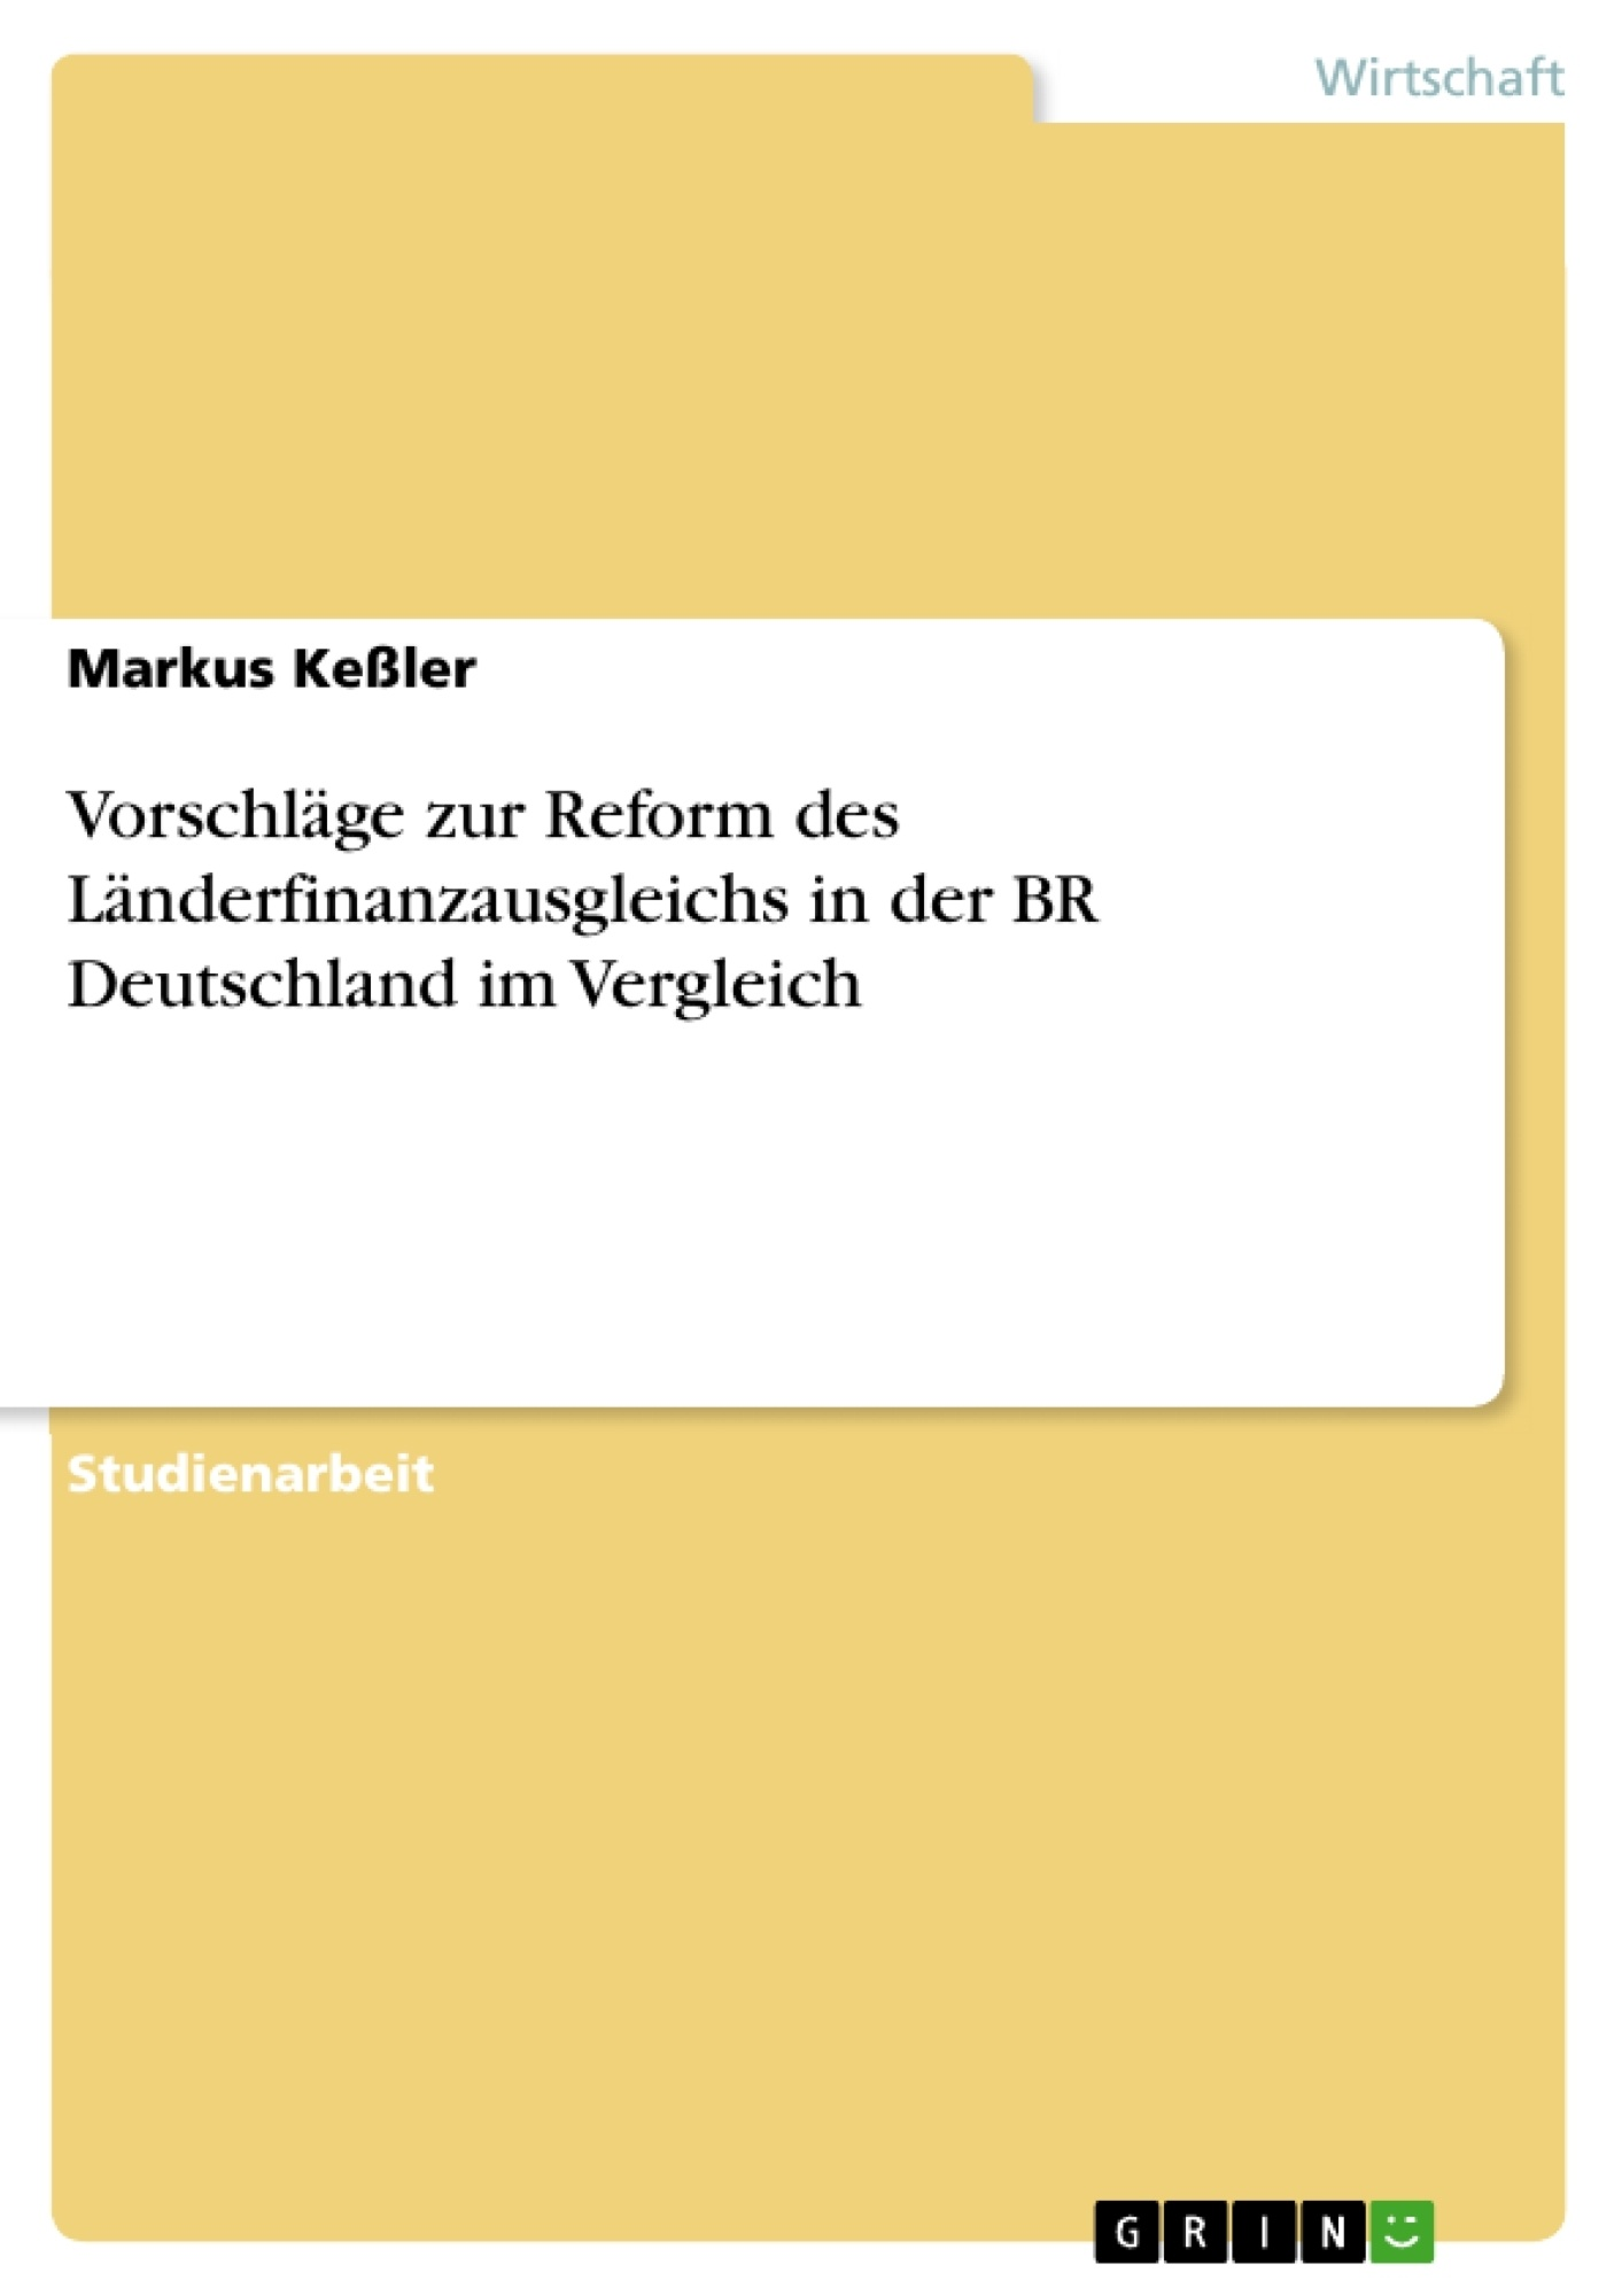 Titel: Vorschläge zur Reform des Länderfinanzausgleichs in der BR Deutschland im Vergleich